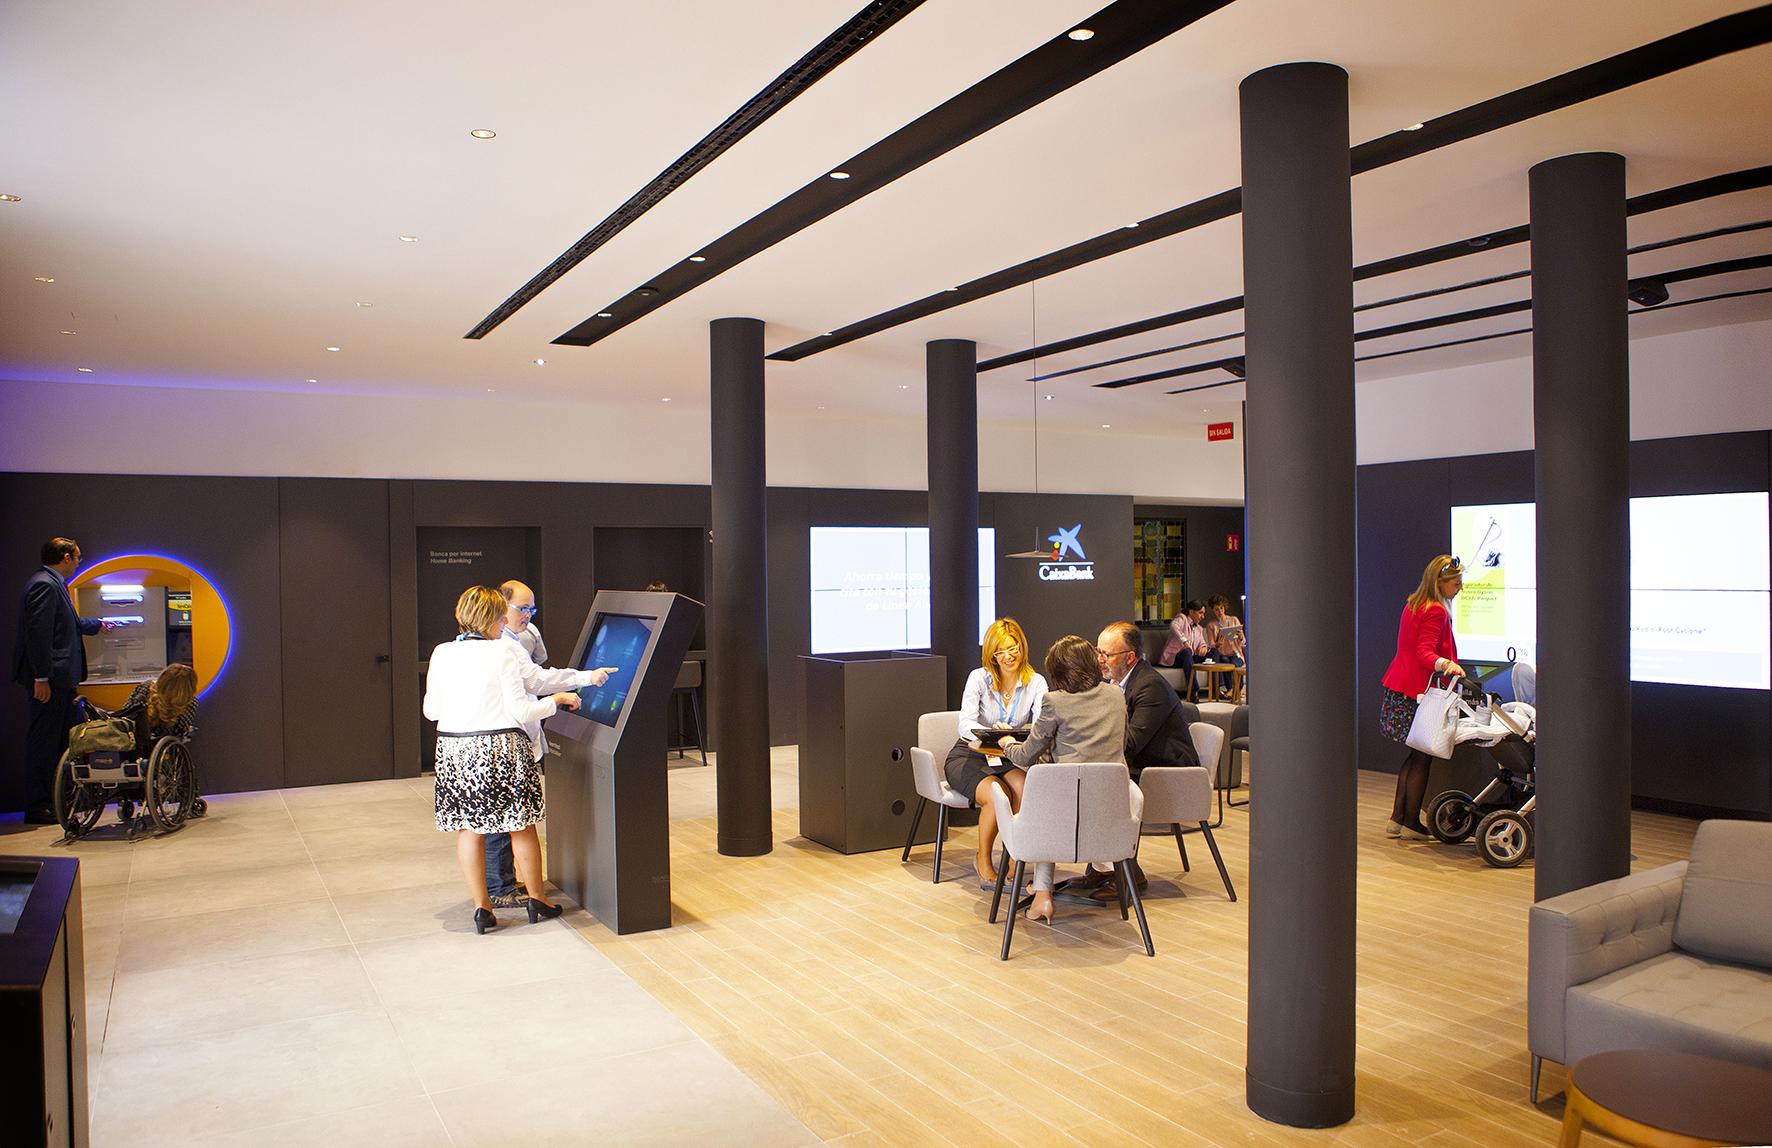 Caixabank abrir en albacete una oficina de su nuevo for Oficinas la caixa zaragoza